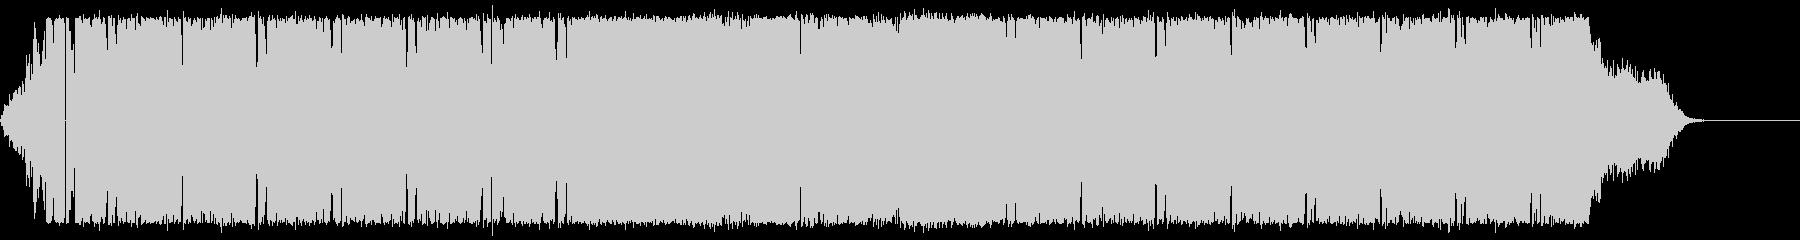 かっこよさをイメージして作りましたの未再生の波形